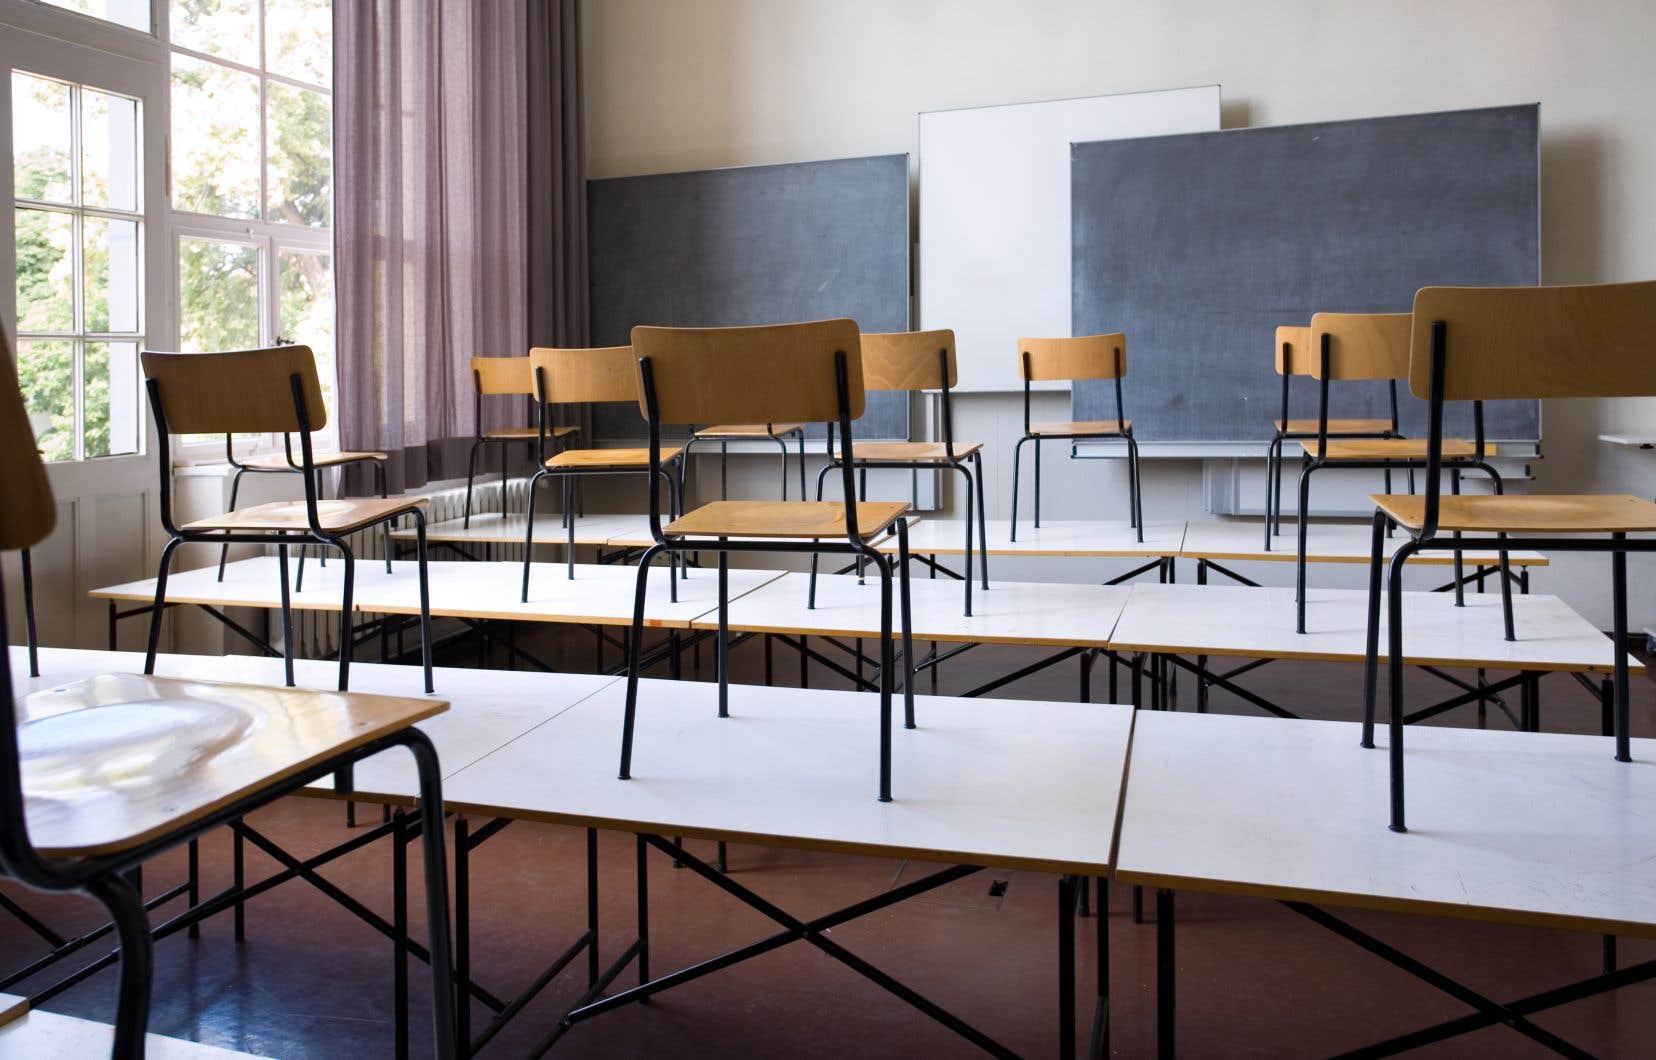 «L'absence de directive claire de la part de notre ministère l'illustre bien: l'éducation ne pèse pas bien lourd dans la balance, si ce n'est pour assurer la surveillance constructive des enfants pendant que leurs parents essaient de sauver l'économie», écrit l'auteur.